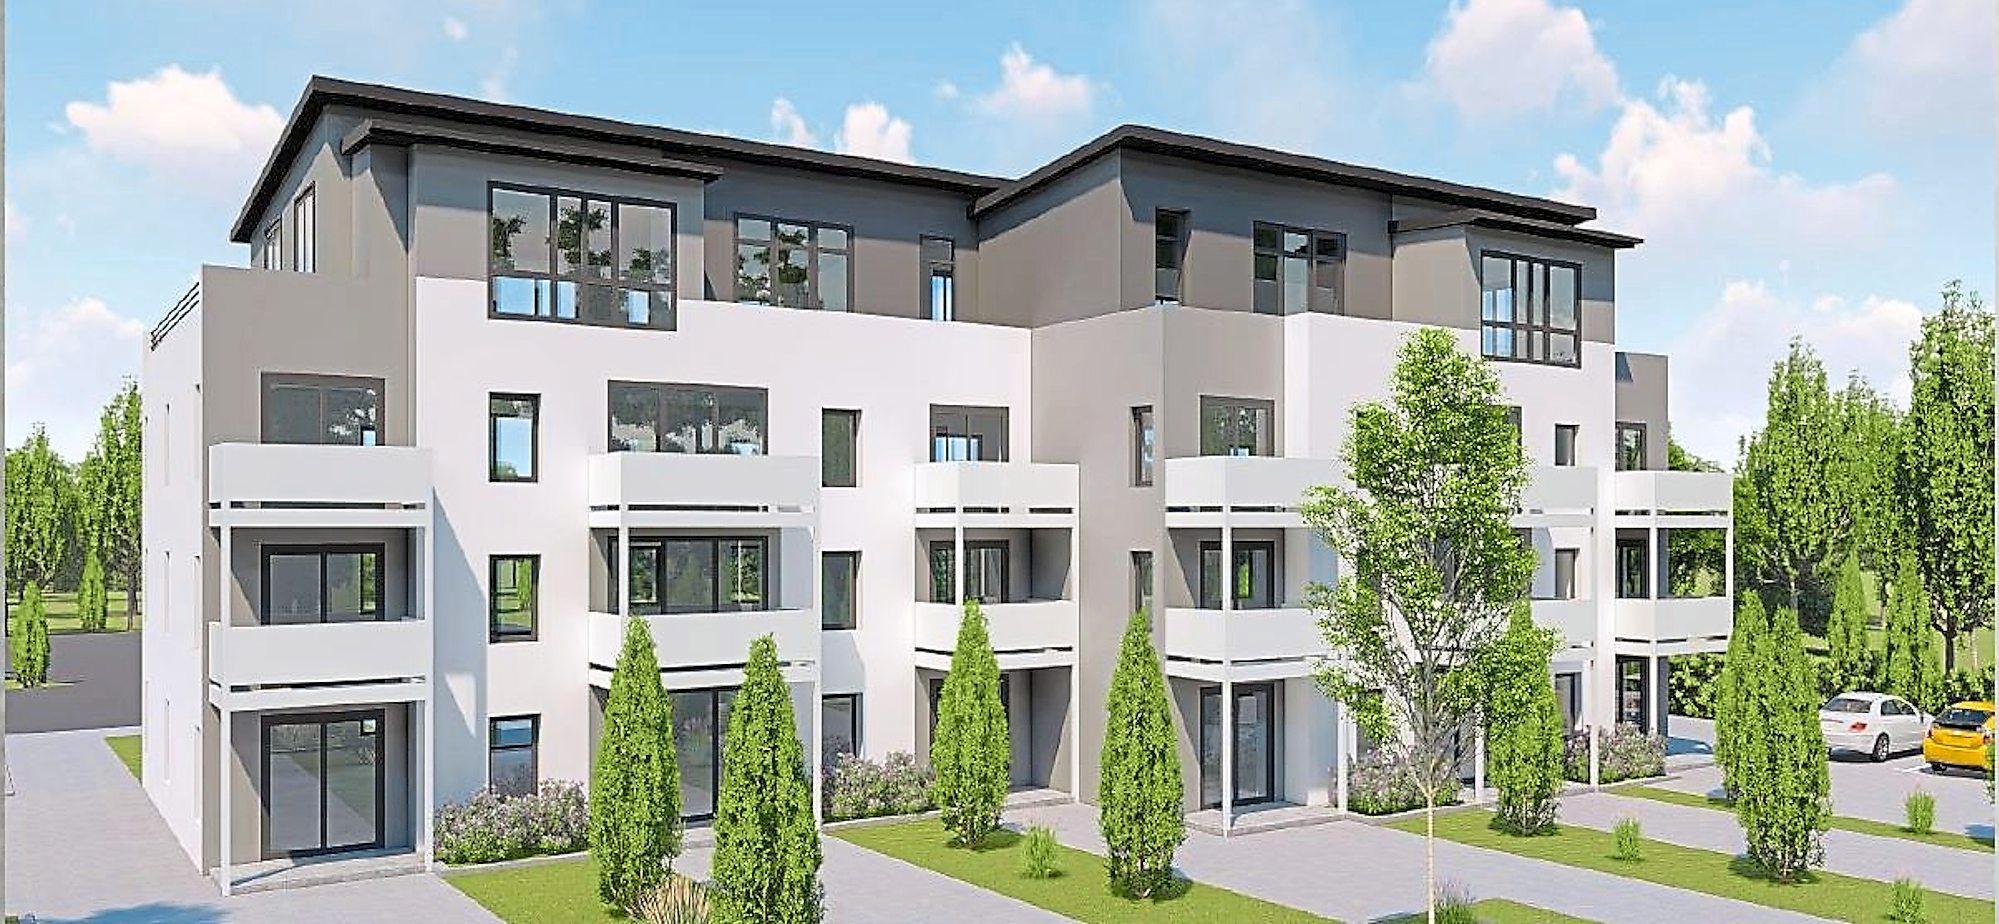 Projekt in Tirschenreut